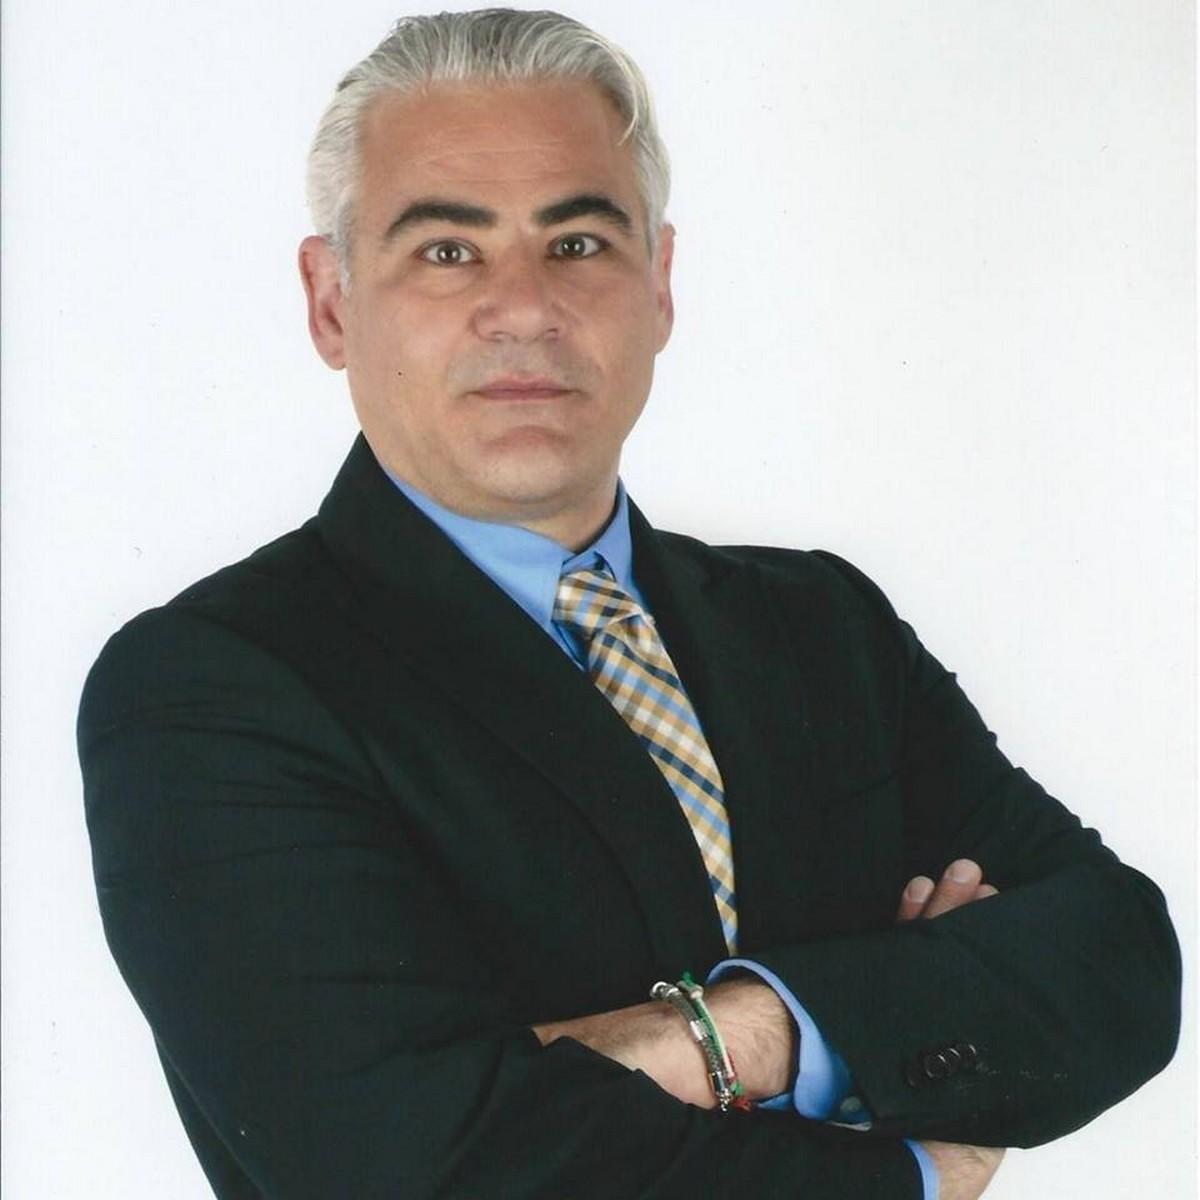 Pierpaolo Borroni Assessore- Sviluppo Economico e attività Produttive